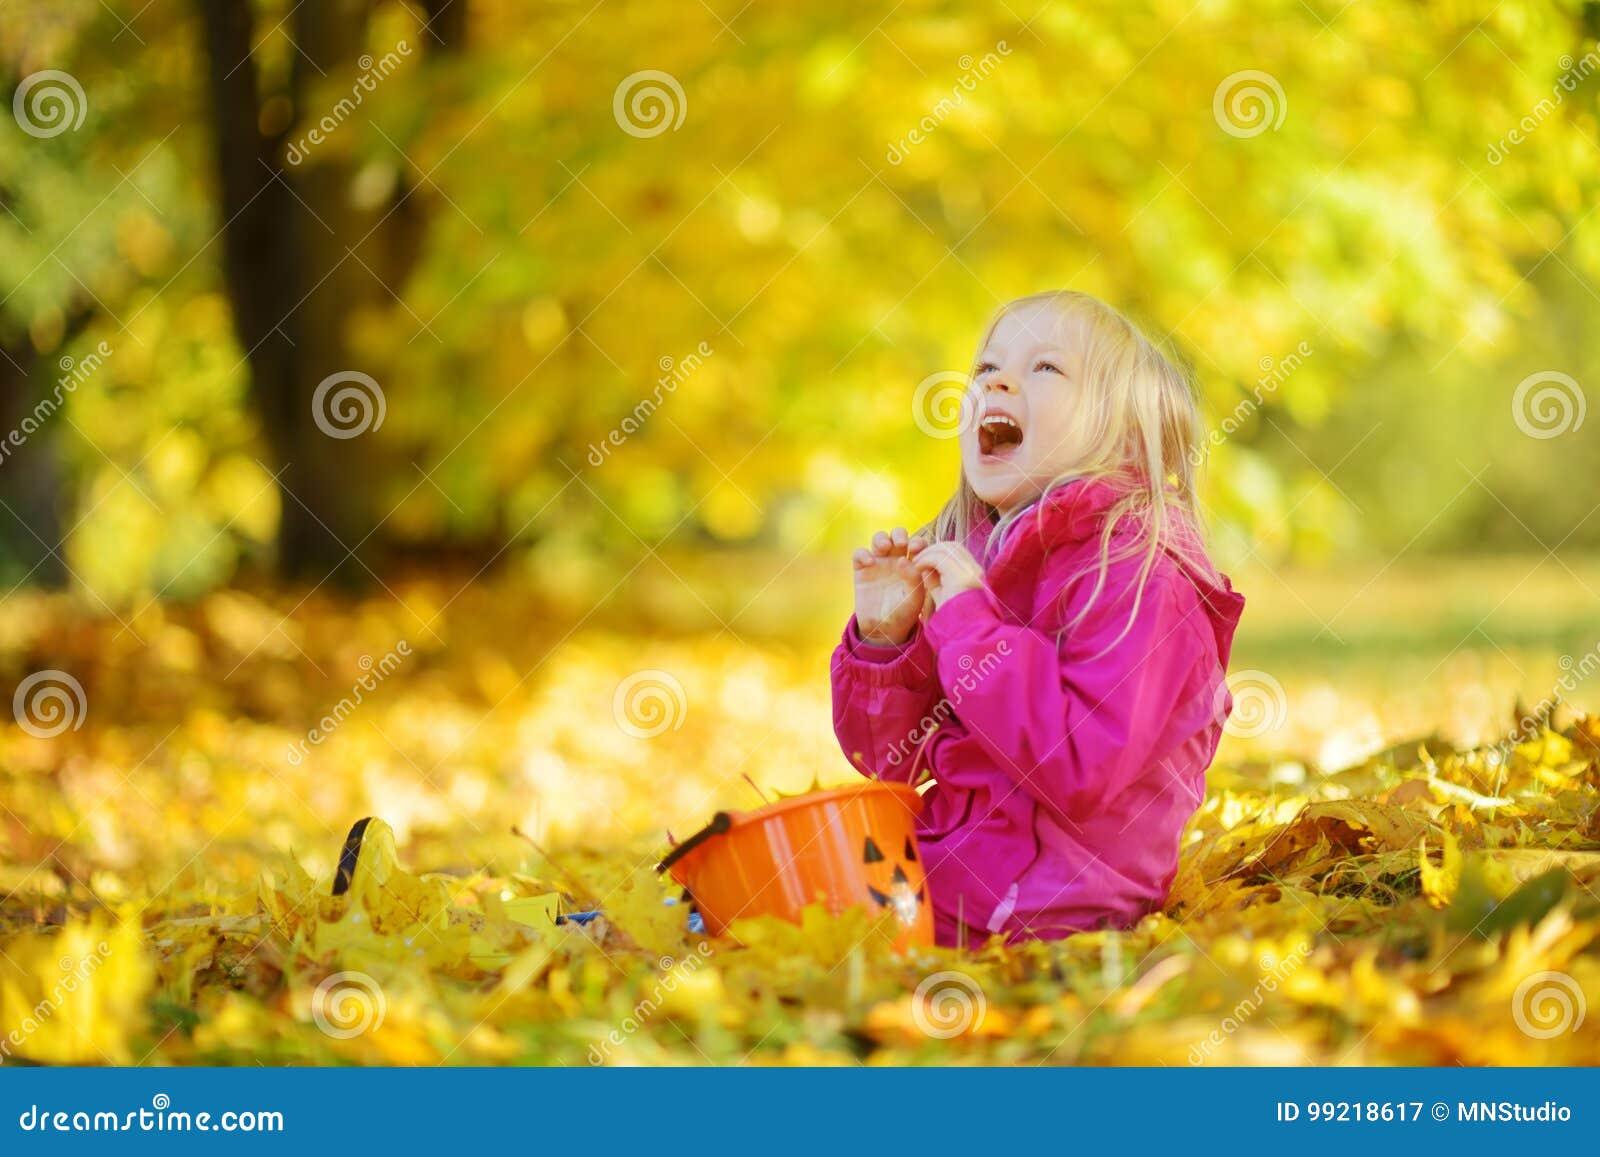 Niña linda que se divierte en día hermoso del otoño Niño feliz que juega en parque del otoño Niño que recolecta el follaje de oto